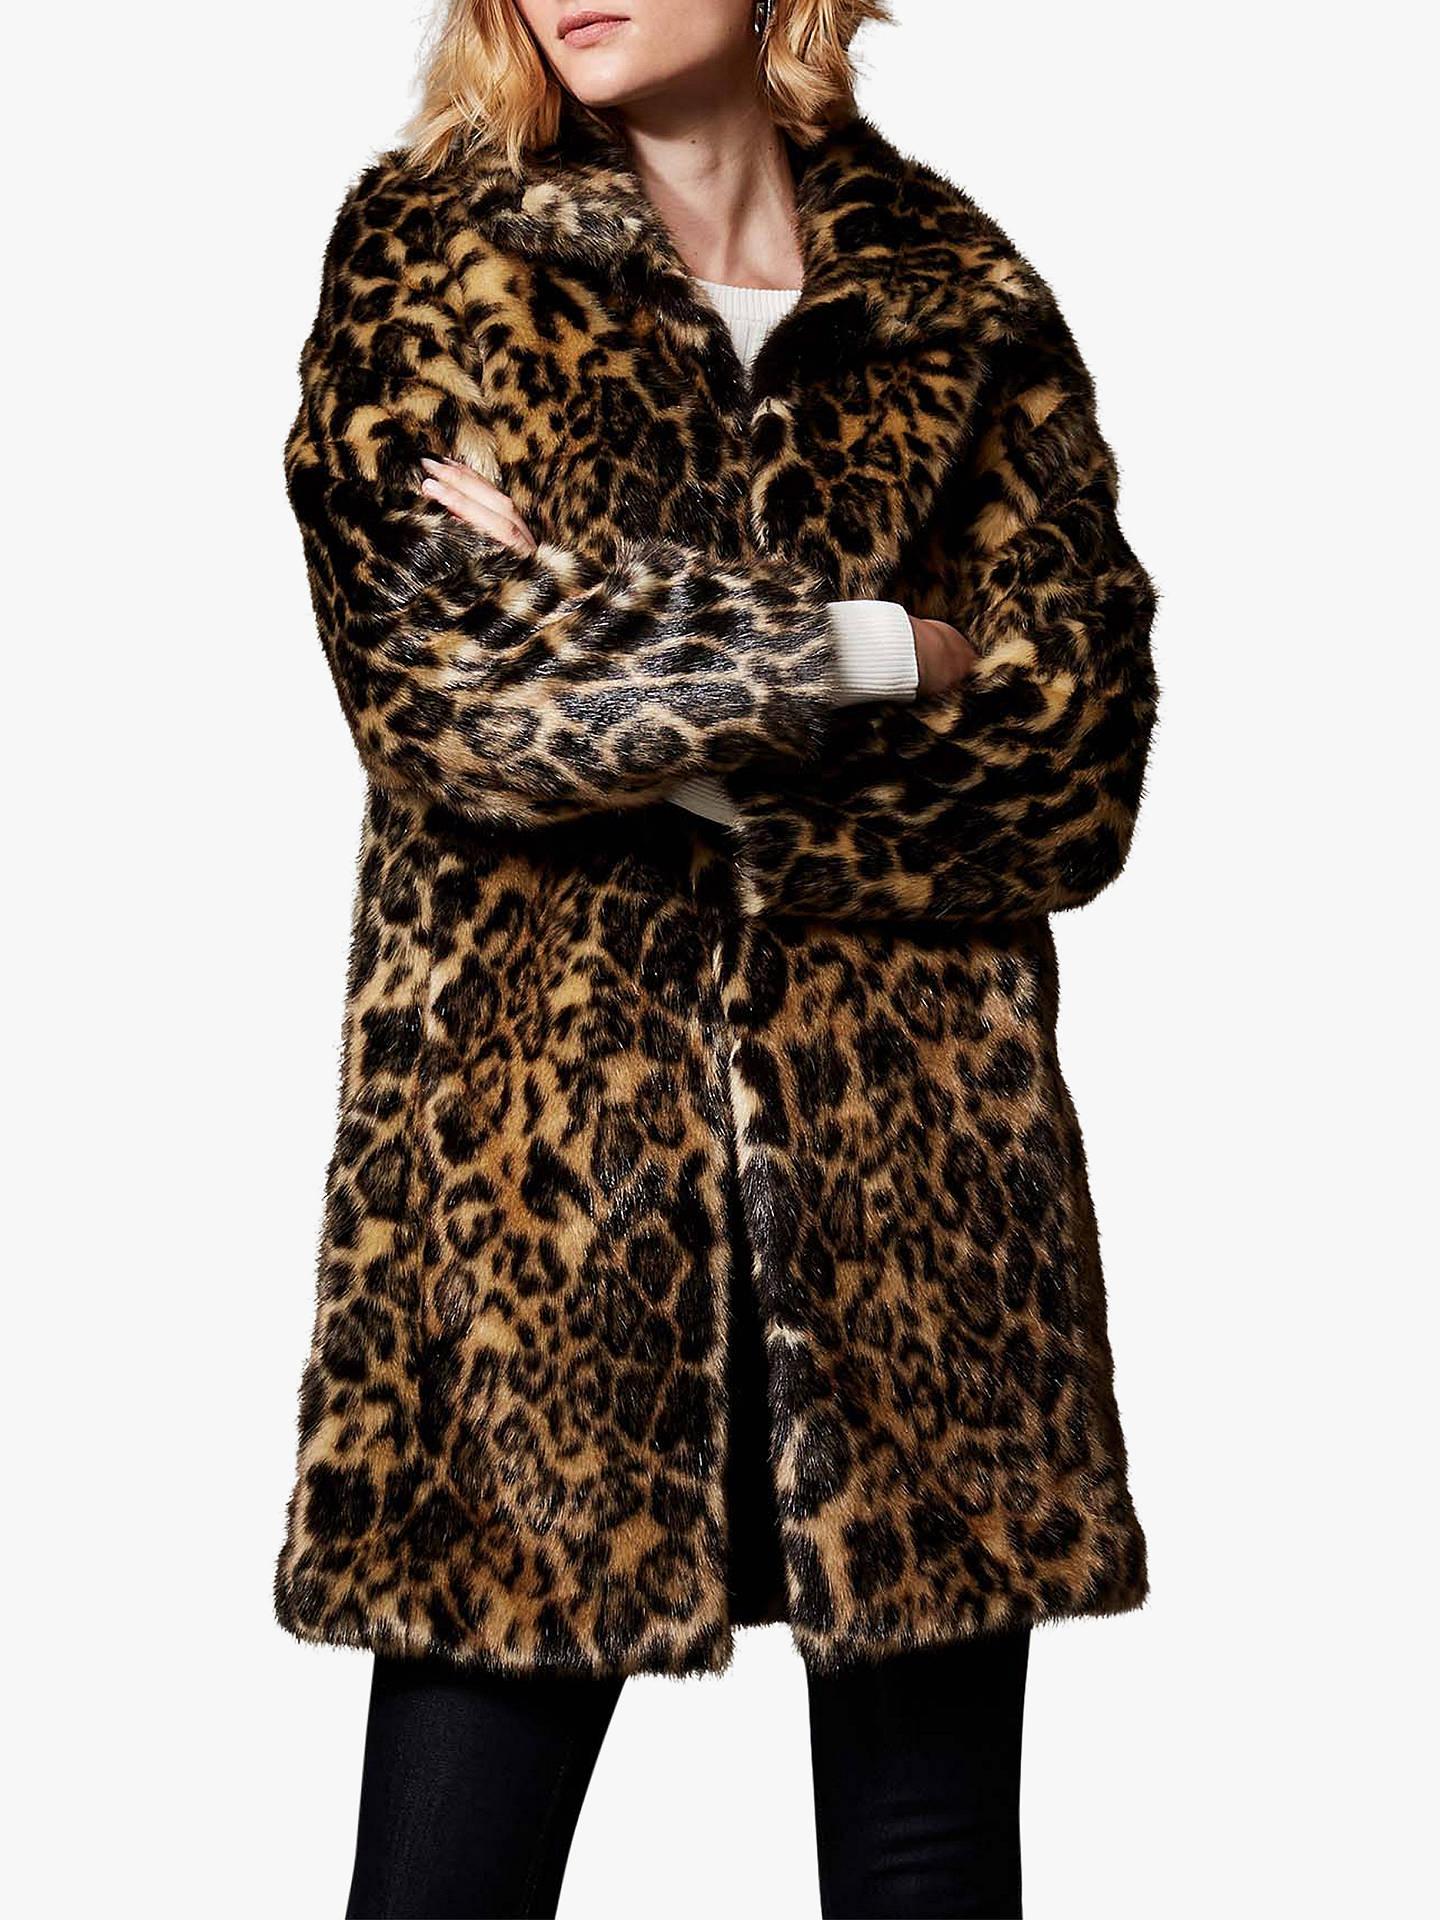 2d47aa40cf15 Buy Karen Millen Longline Animal Print Faux Fur Coat